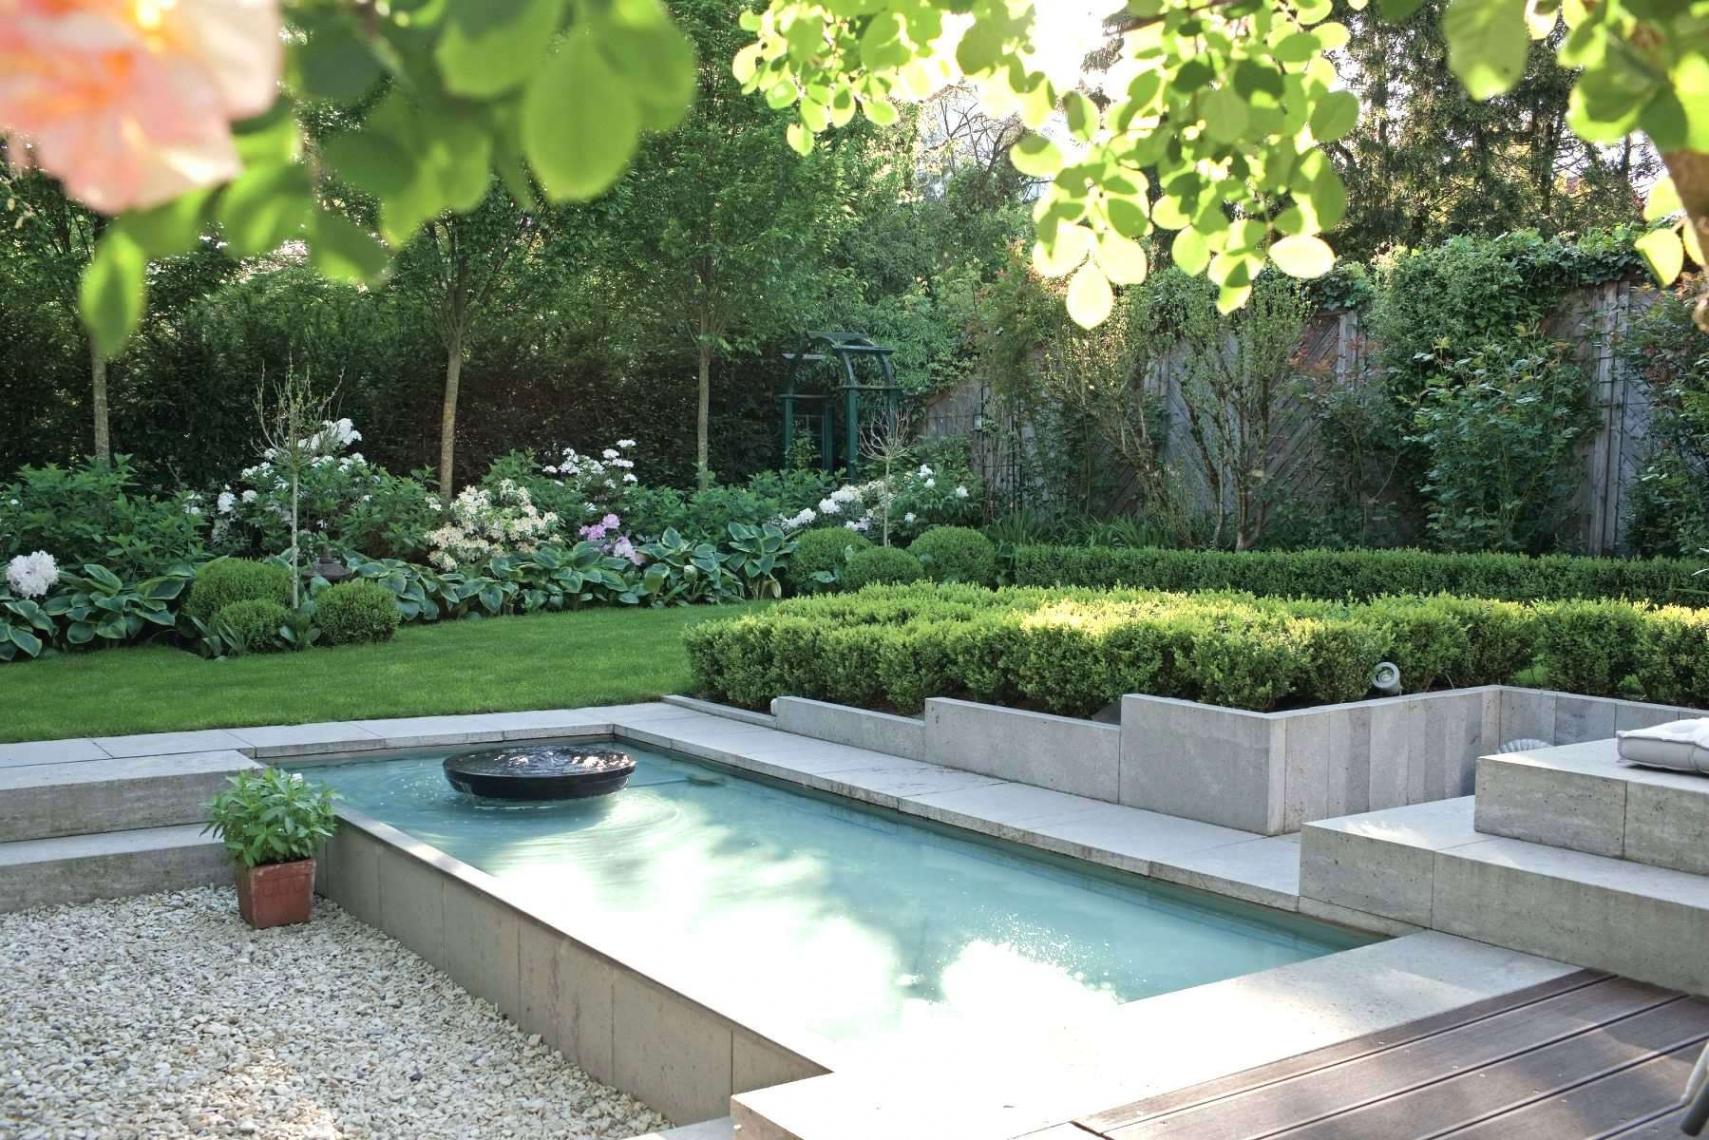 reihenhausgarten modern gestalten mit kleiner reihenhausgarten gestalten temobardz home blog 13 und formaler reihenhausgarten 0d design ideen von garten gestalten ideen kleiner reihenhausgarten gestal